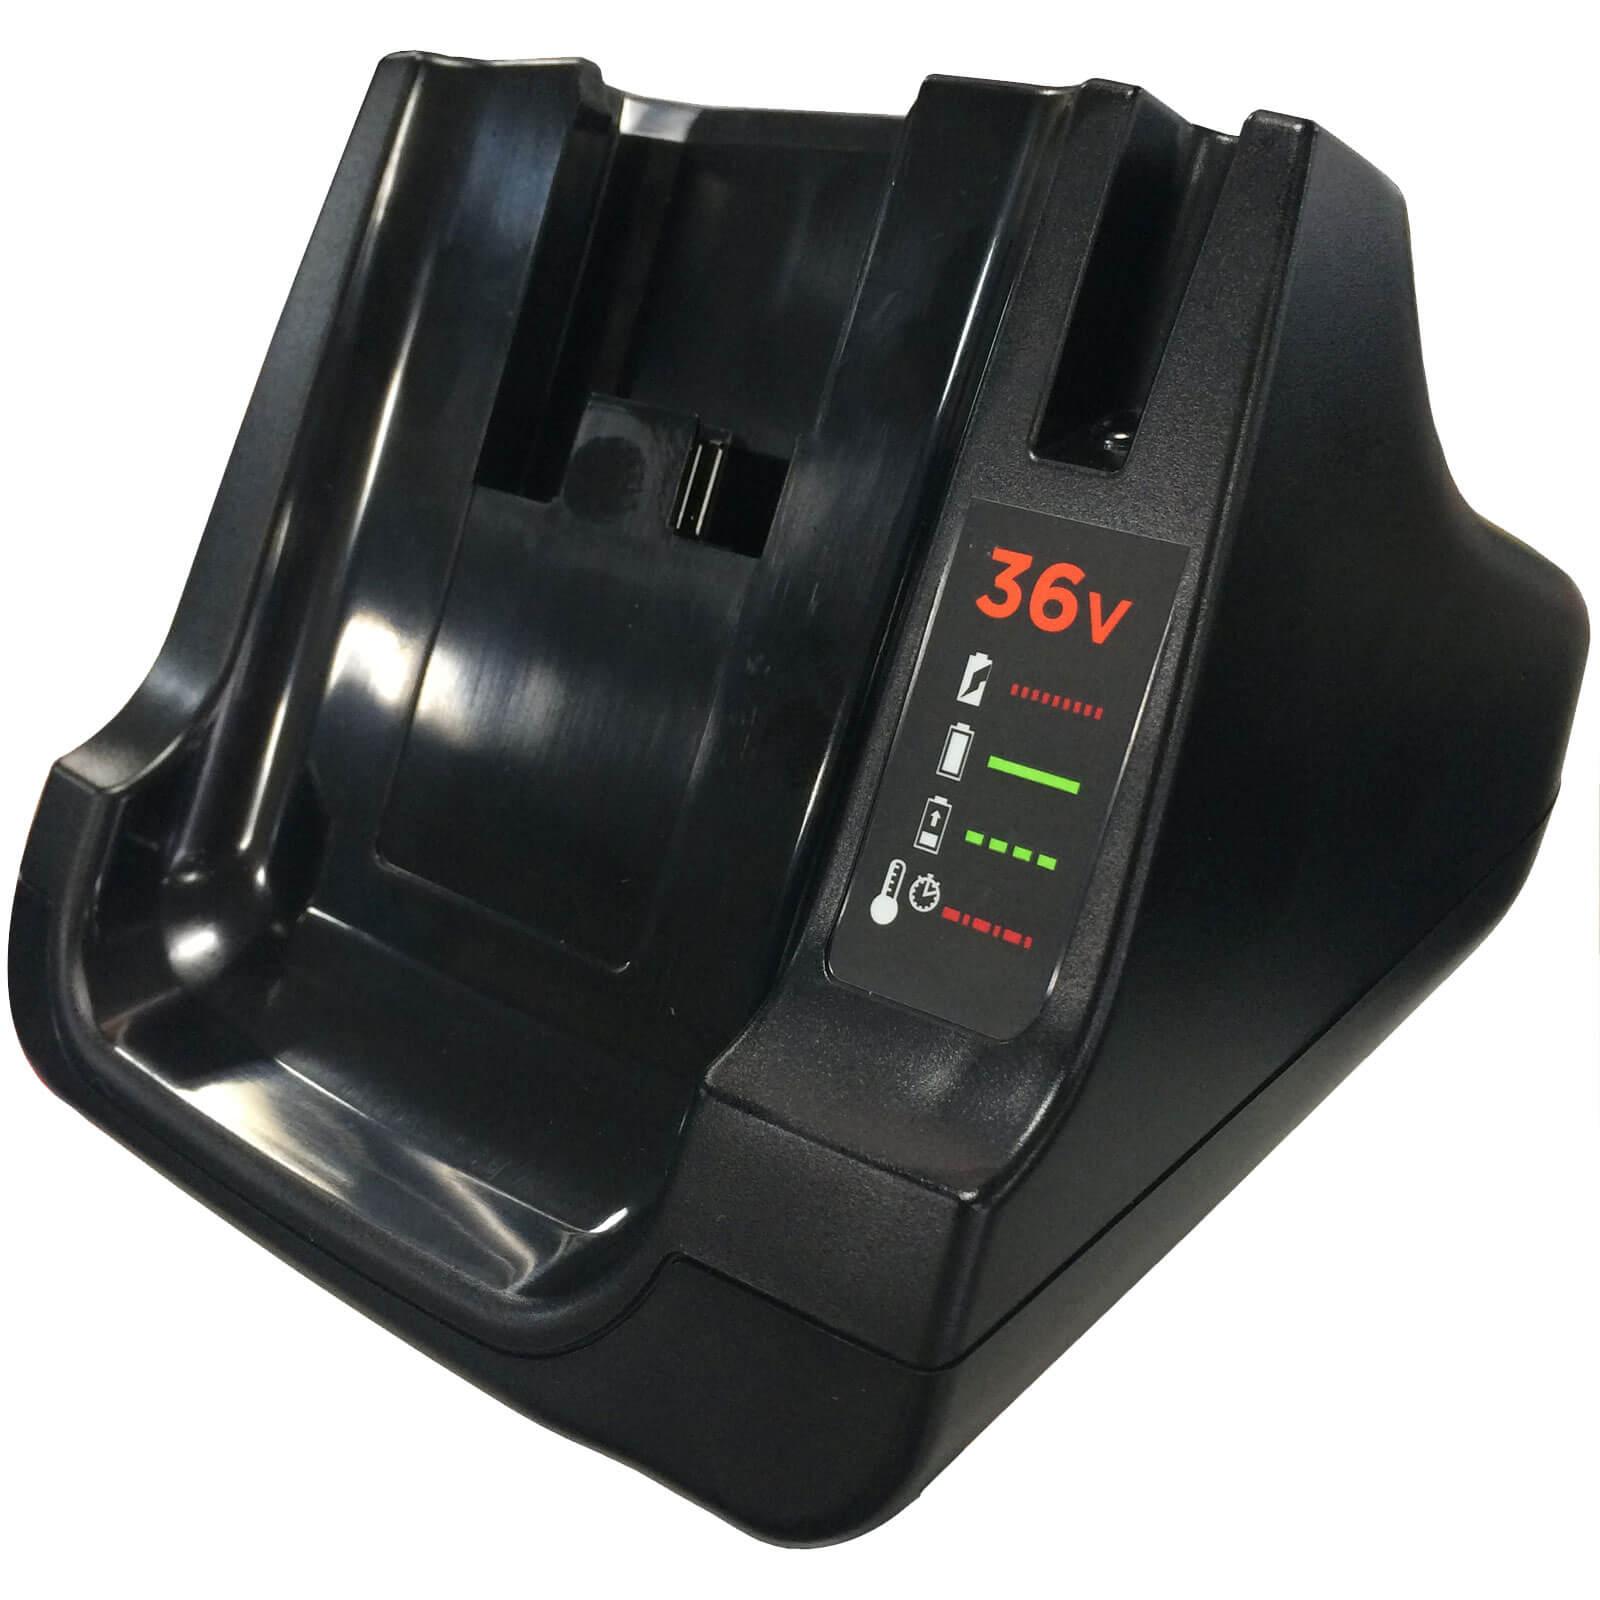 Image of Black & Decker BDC2A 36v Cordless Battery Charger 240v